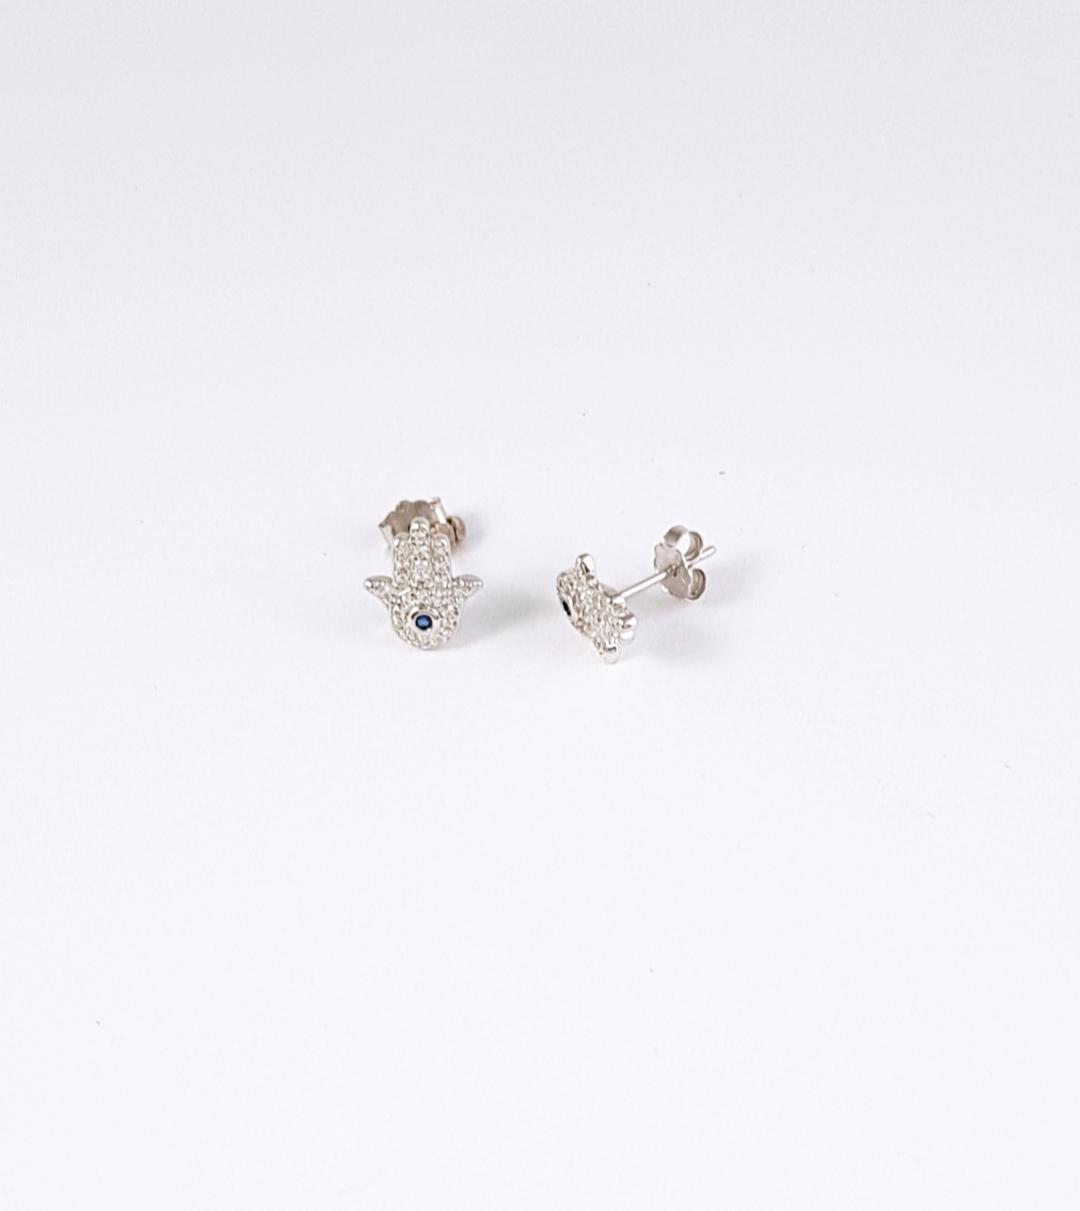 2a804d06c45d Pendientes plata mano fatima con zirconitas - Joyería Amores. Tienda online  joyas personalizadas y artesanales